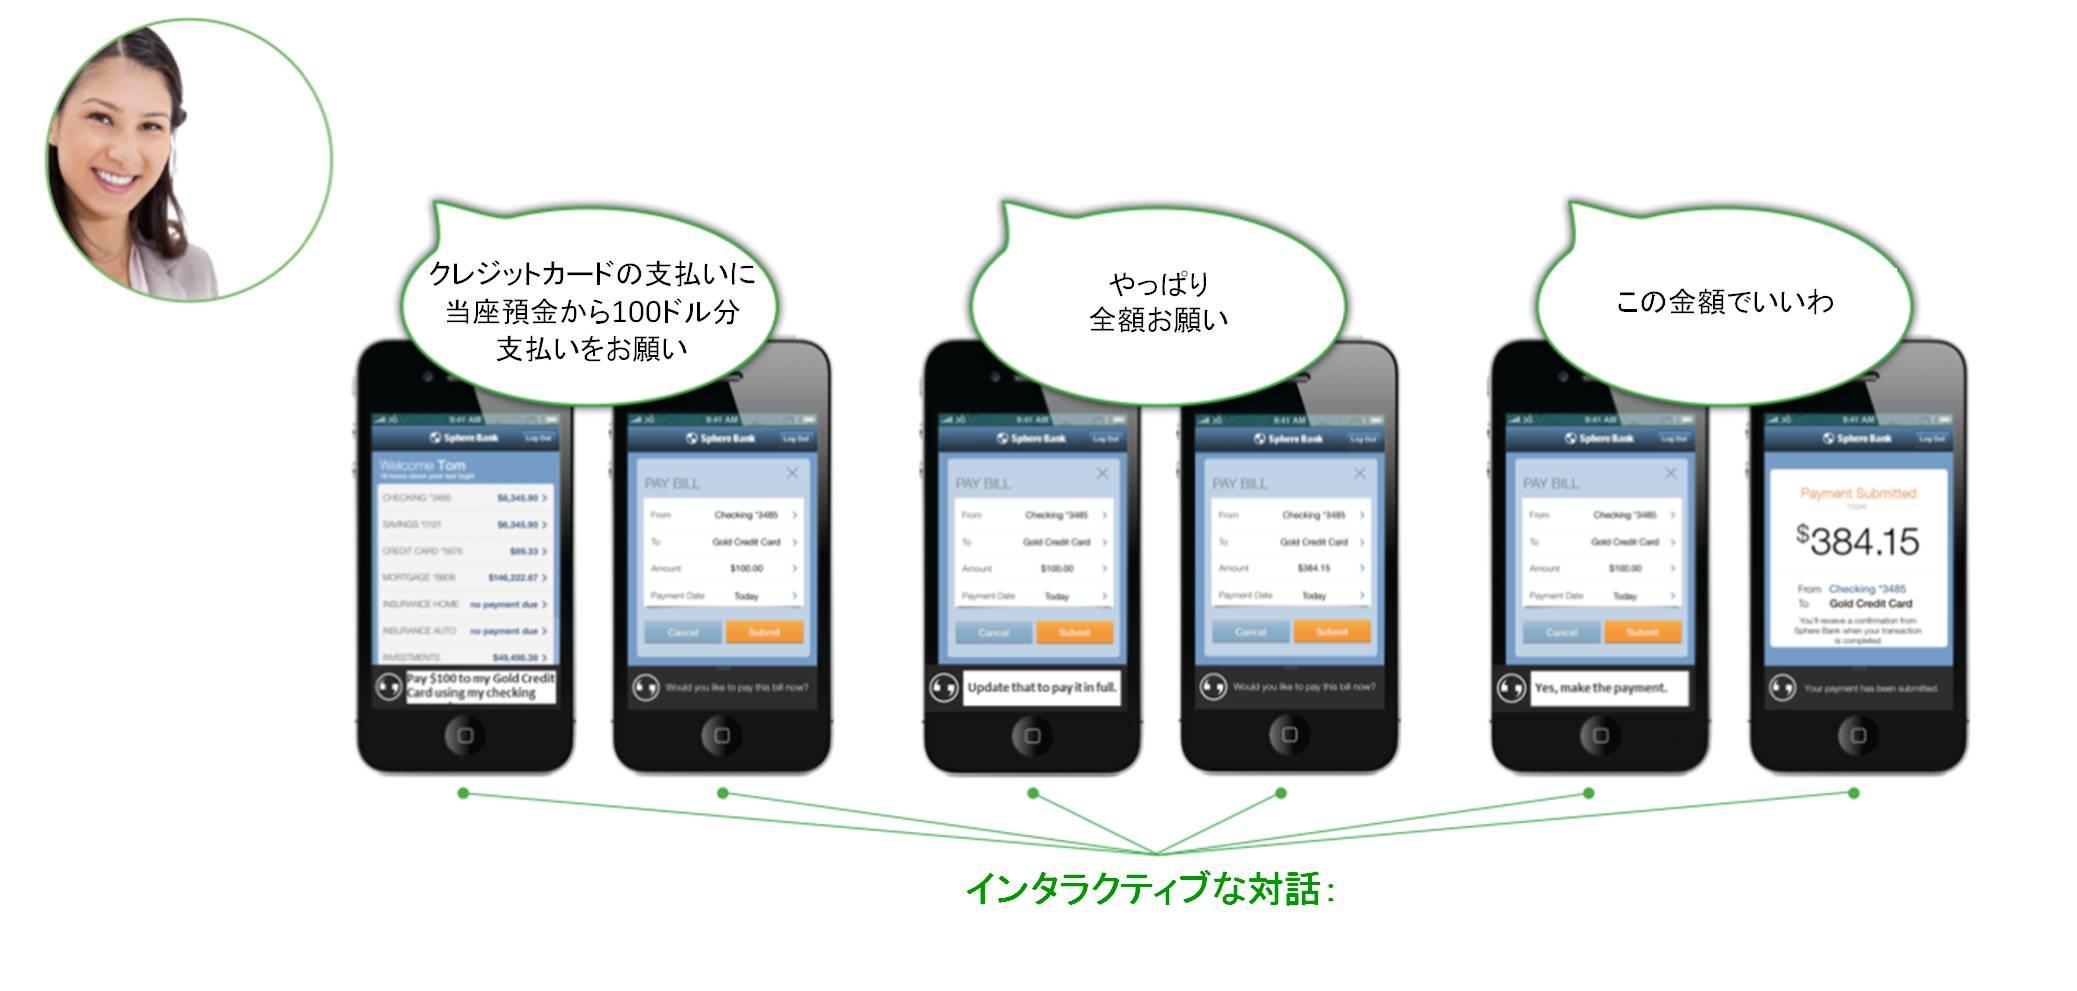 ニュアンスが、モバイル・カスタマーサービス・アプリケーション向けに、何を話しているか理解するだけでなく、誰が話しているかも識別する音声仮想アシスタント「Nina」を発表 モバイル・アプリケーション開発者用にオープンSDKを提供